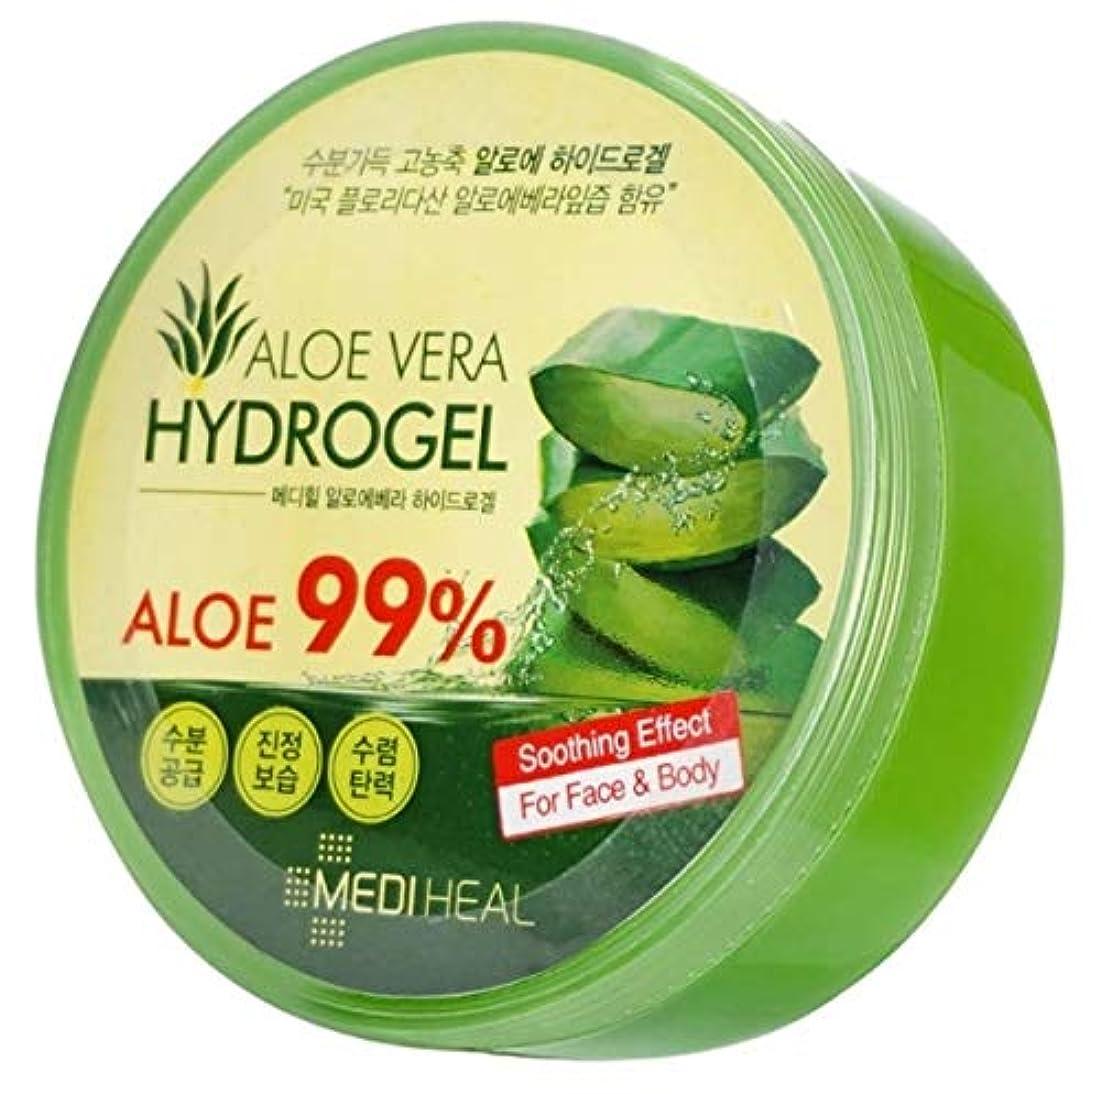 コーンアコーここにMediheal メディヒール Skin Soothing なだめるような & Moisture 水分 99% Aloe アロエ Vera Hydro Gels ハイドロゲル